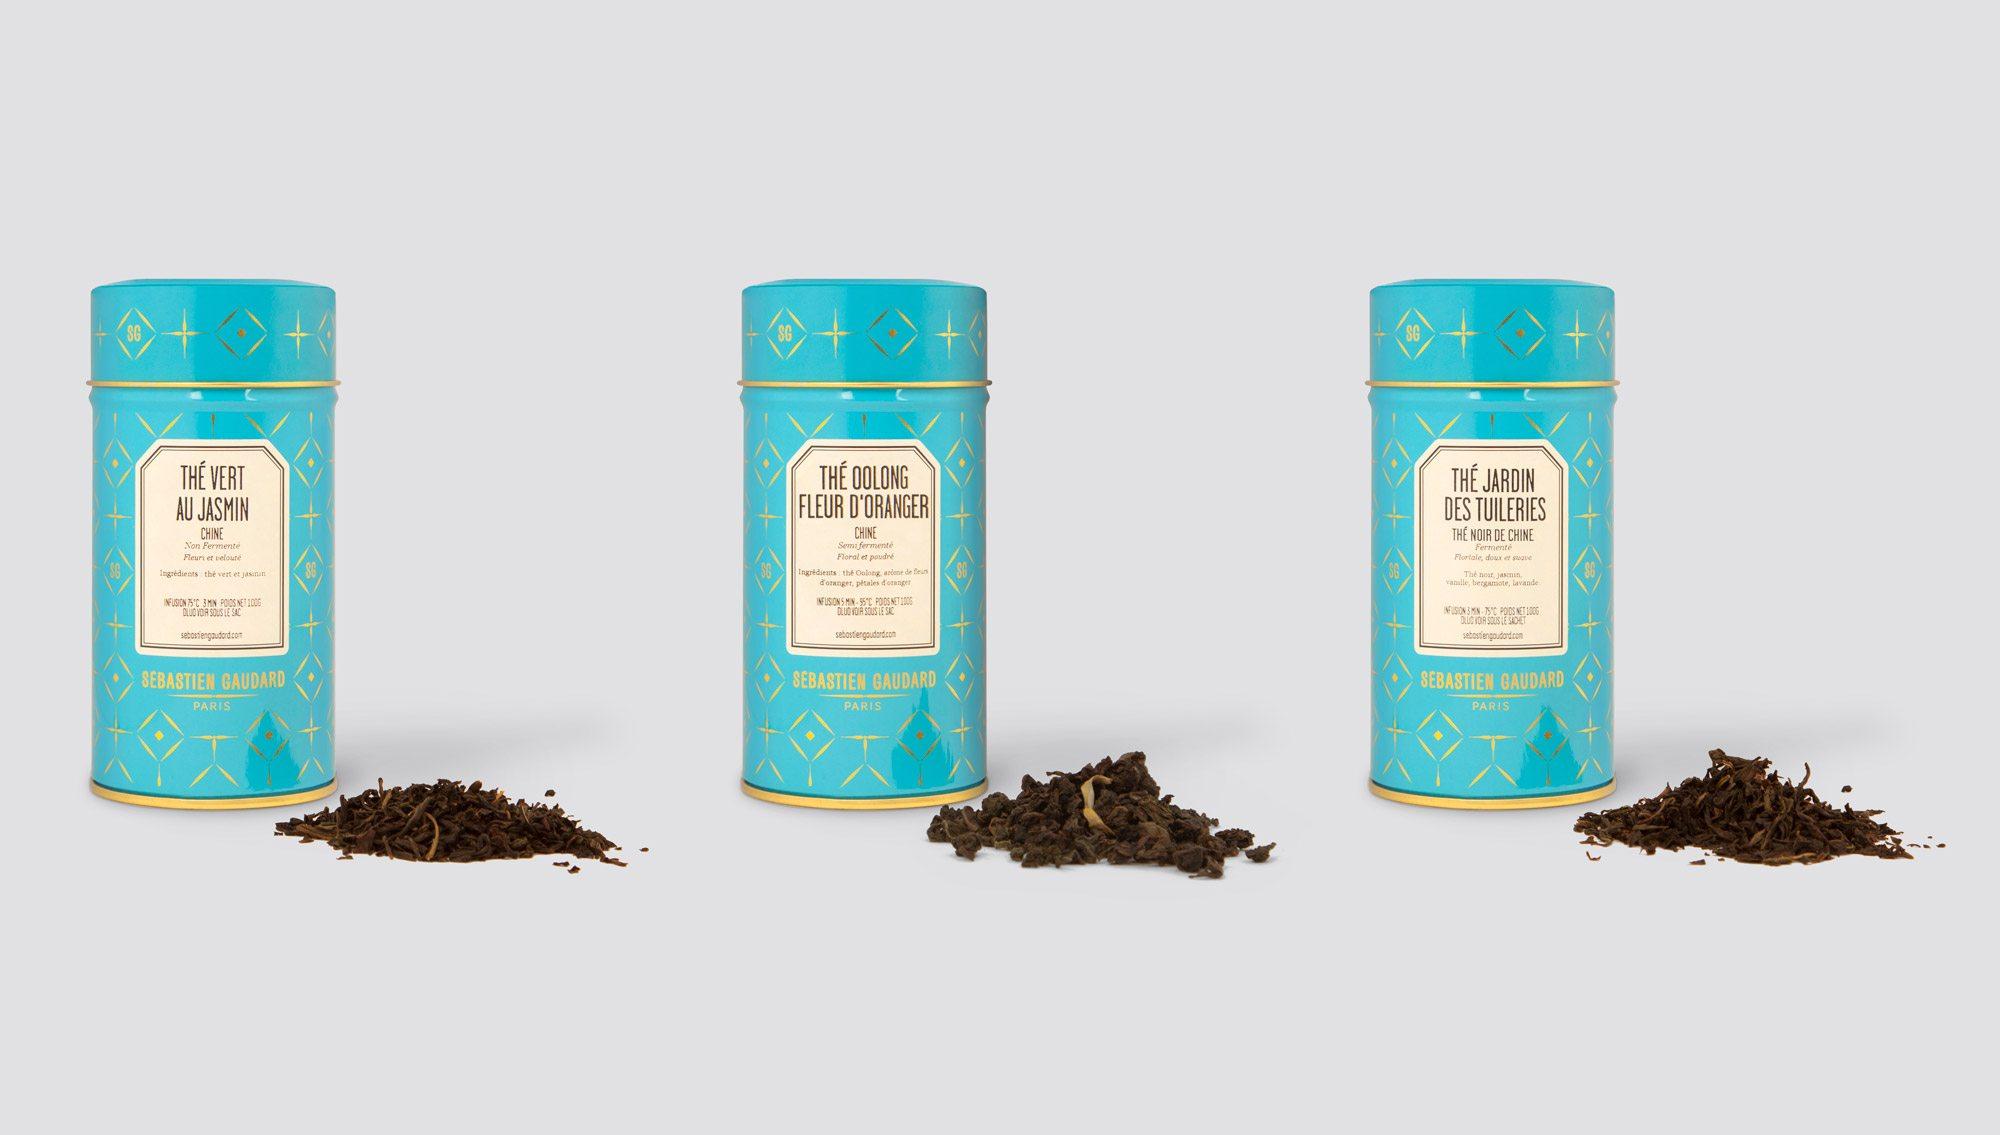 boîte à thé bleu, rétro, avec les initiales, du salon de thé pâtisserie de sébastien gaudard dessinée par ichetkar